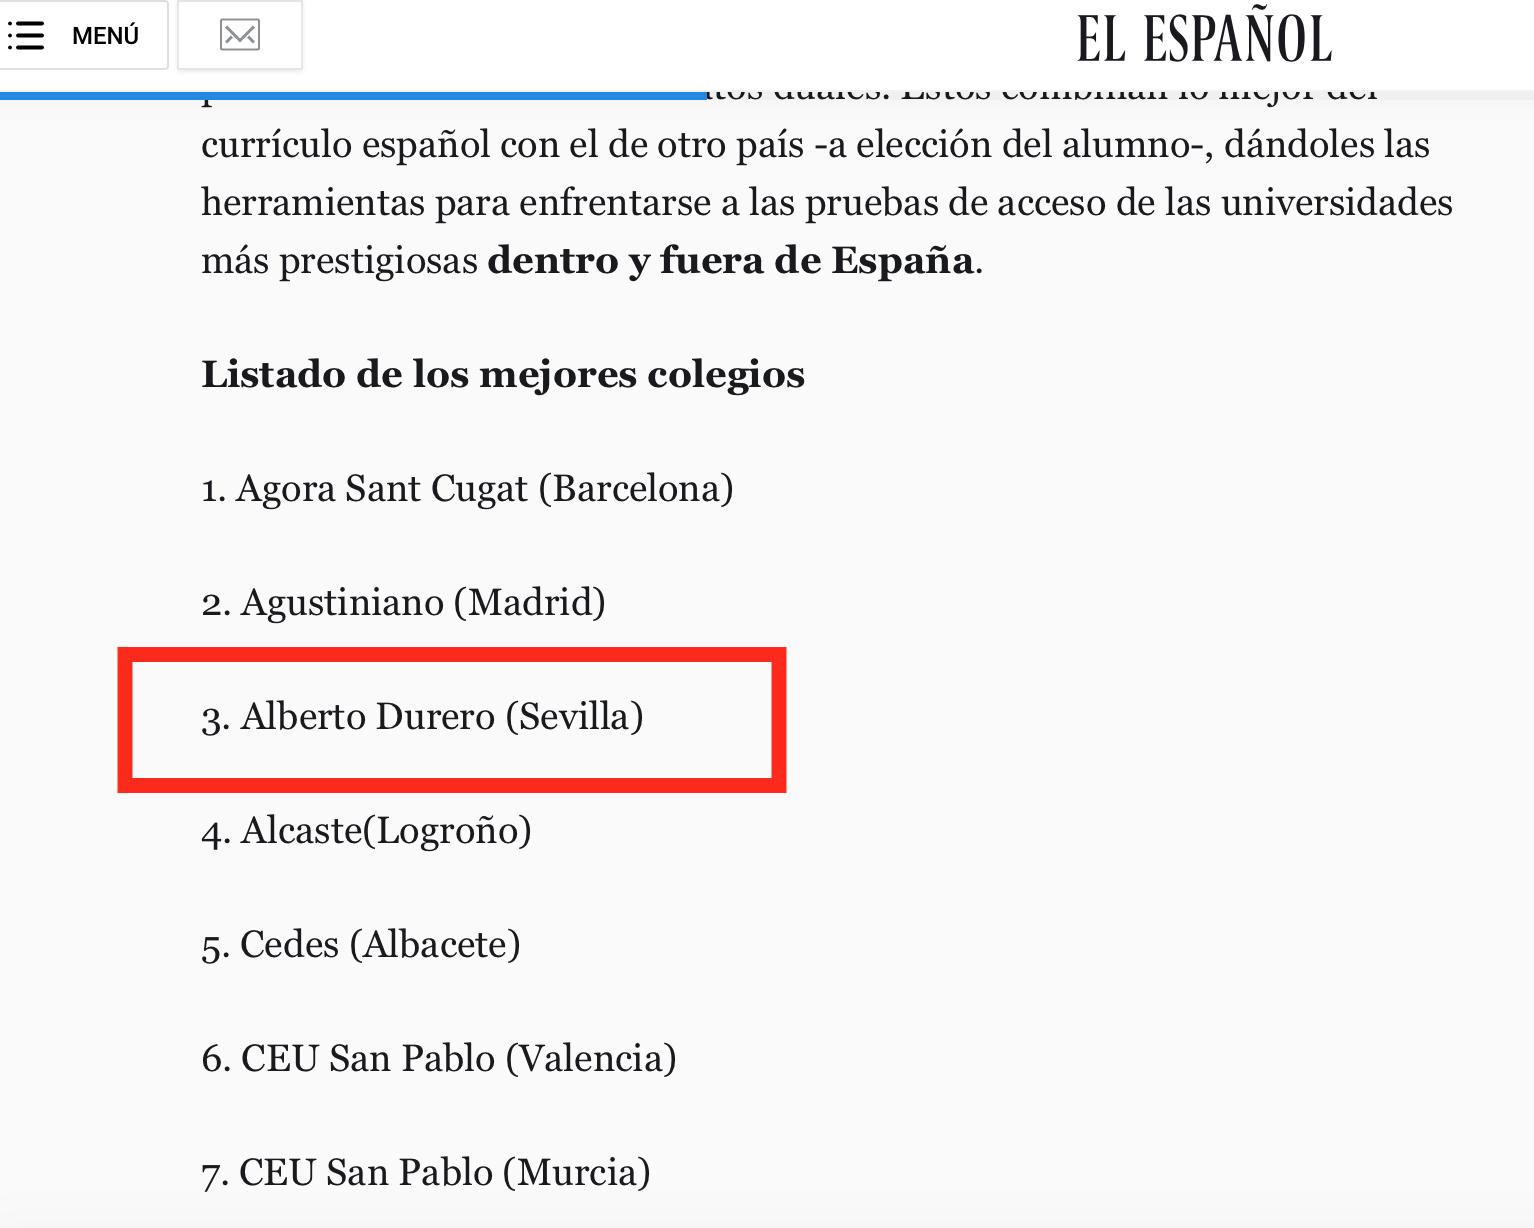 EN EL TOP SEGÚN EL RANKING DE COLEGIOS DE EL ESPAÑOL 2018